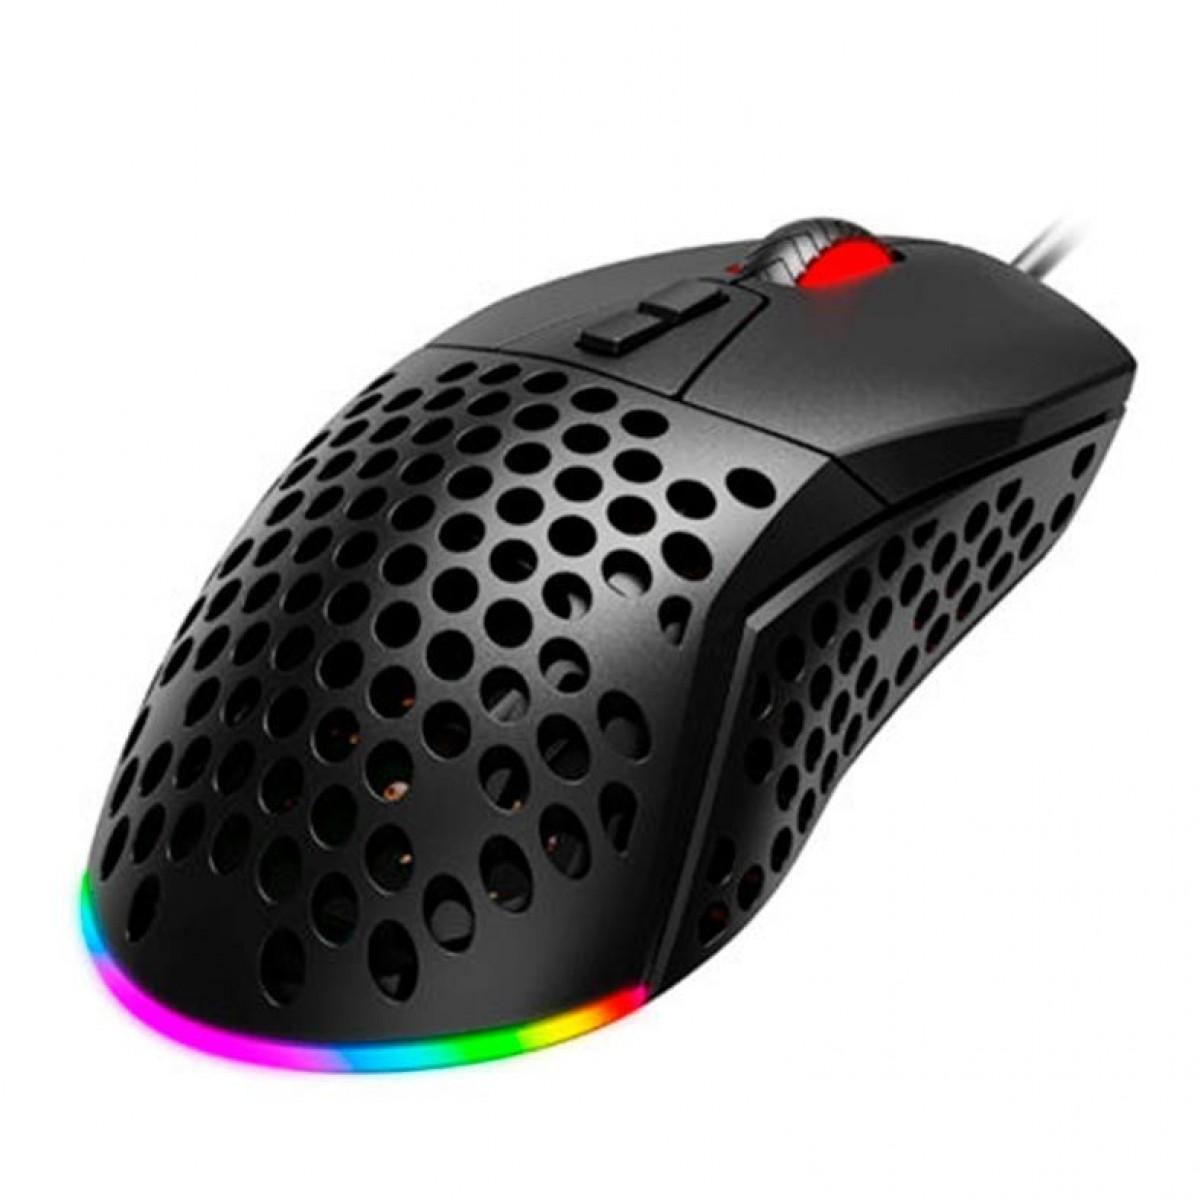 Mouse Gamer Havit MS885, 10000 DPI, 7 Botões, RGB, Black